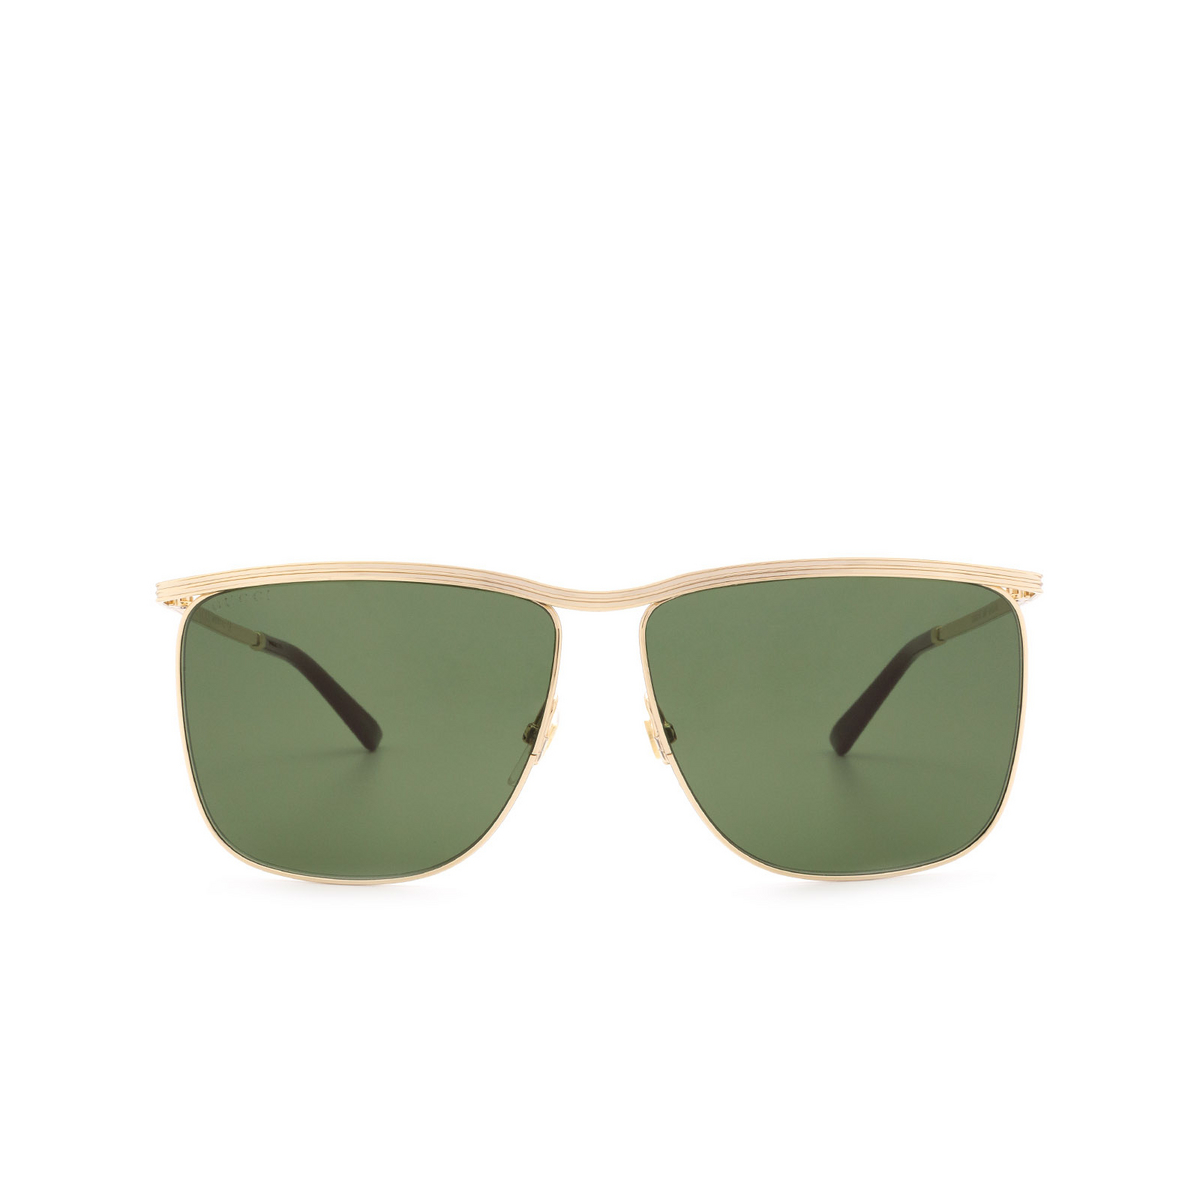 Gucci® Square Sunglasses: GG0821S color Gold 004 - 1/3.